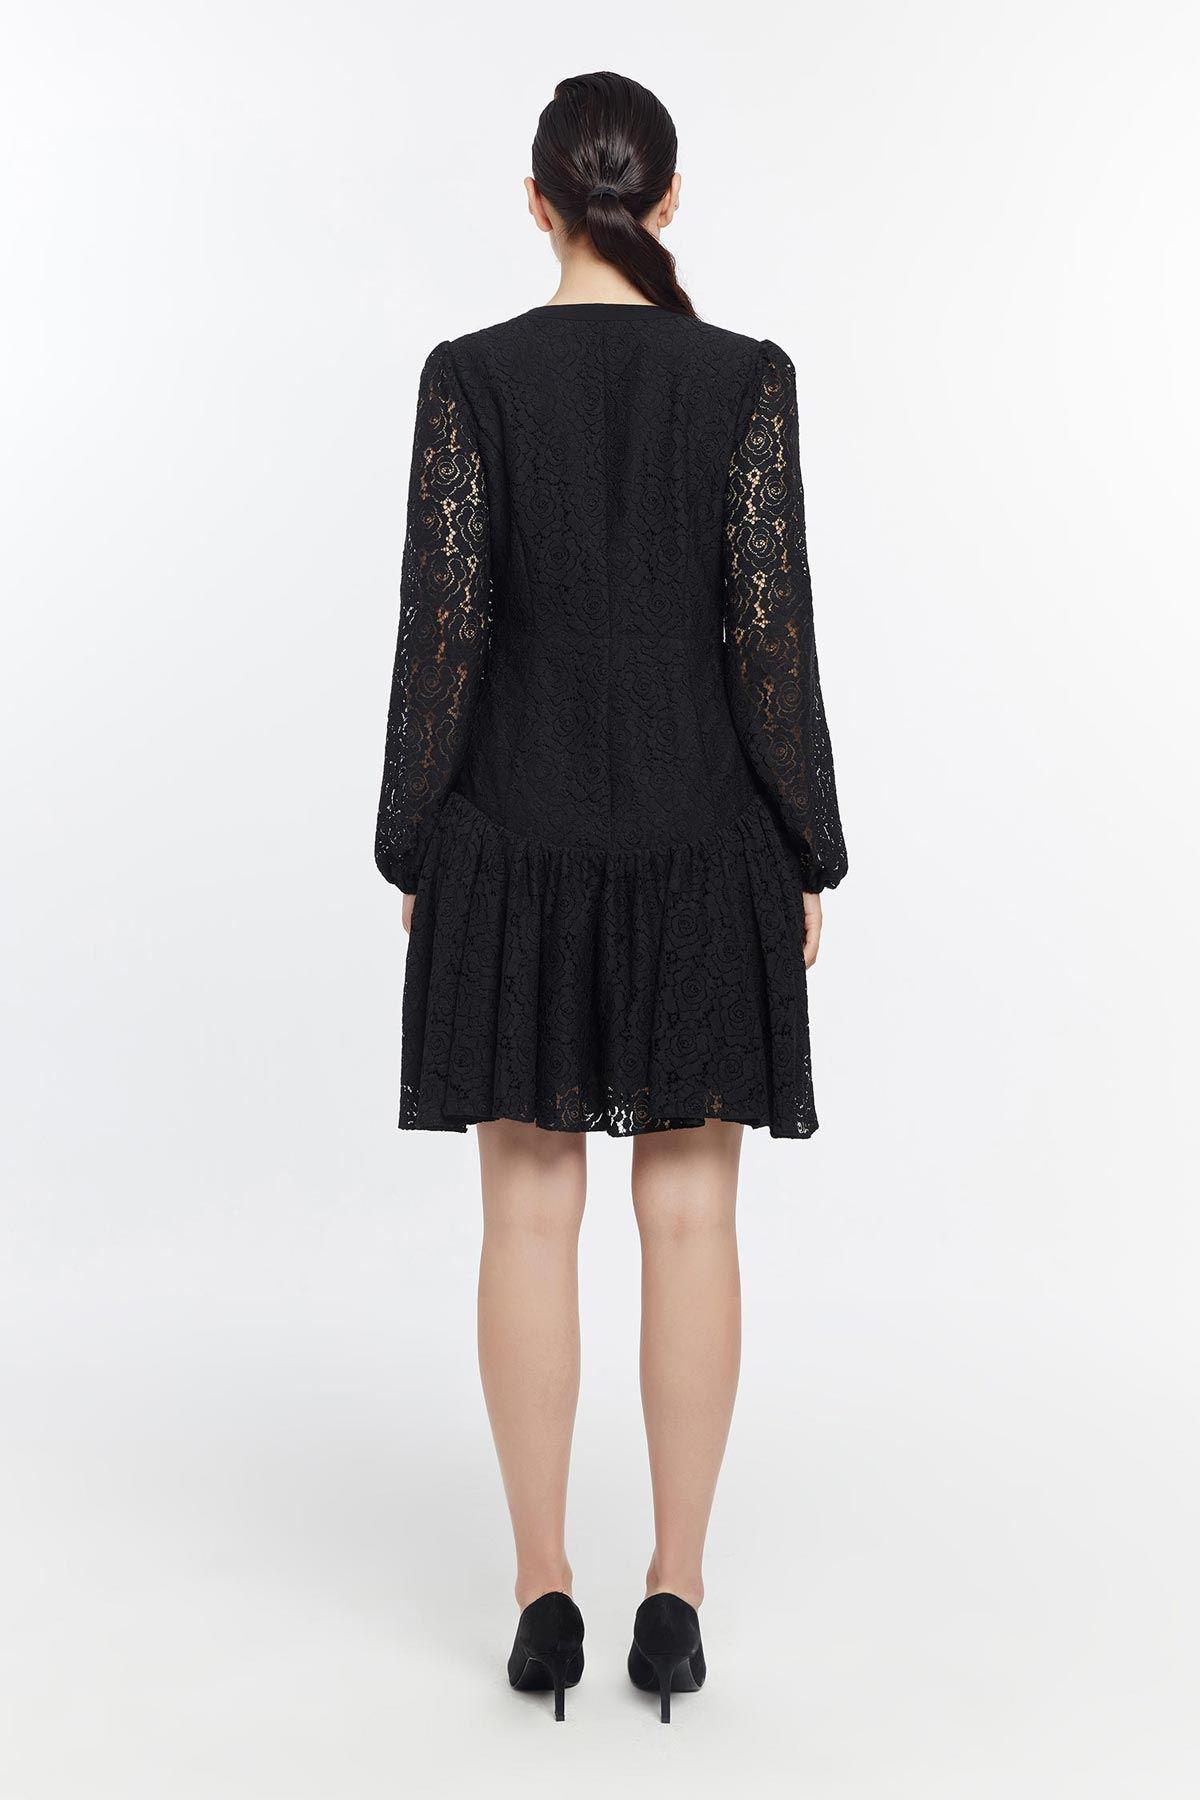 Ön fermuarlı dantel elbise Siyah